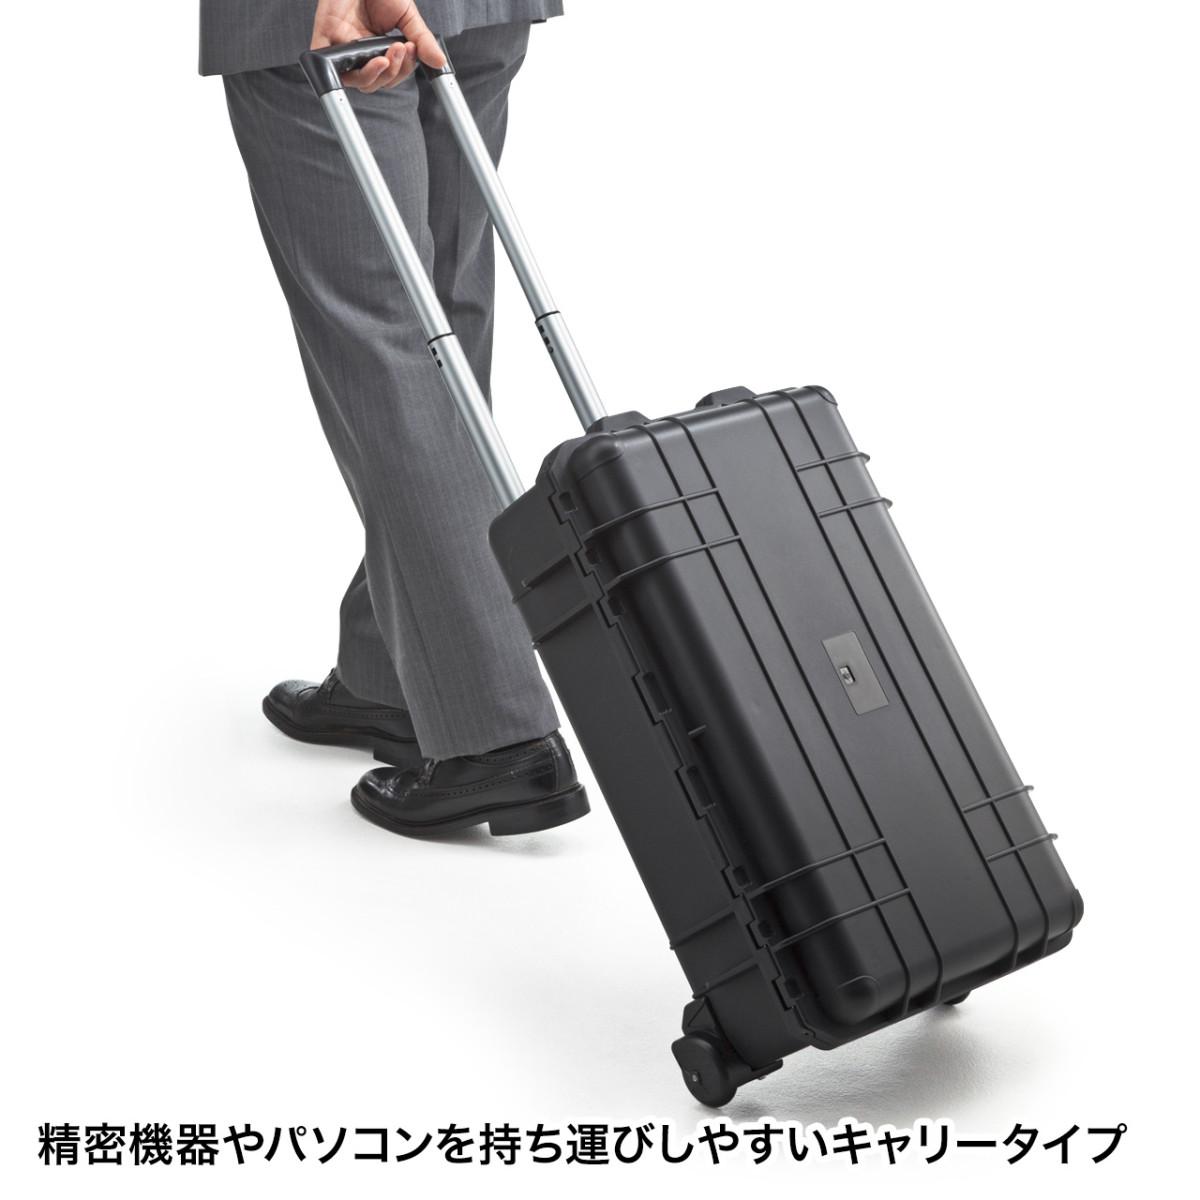 [BAG-HD3] ハードツールケース(キャリータイプ・精密機器・保管)